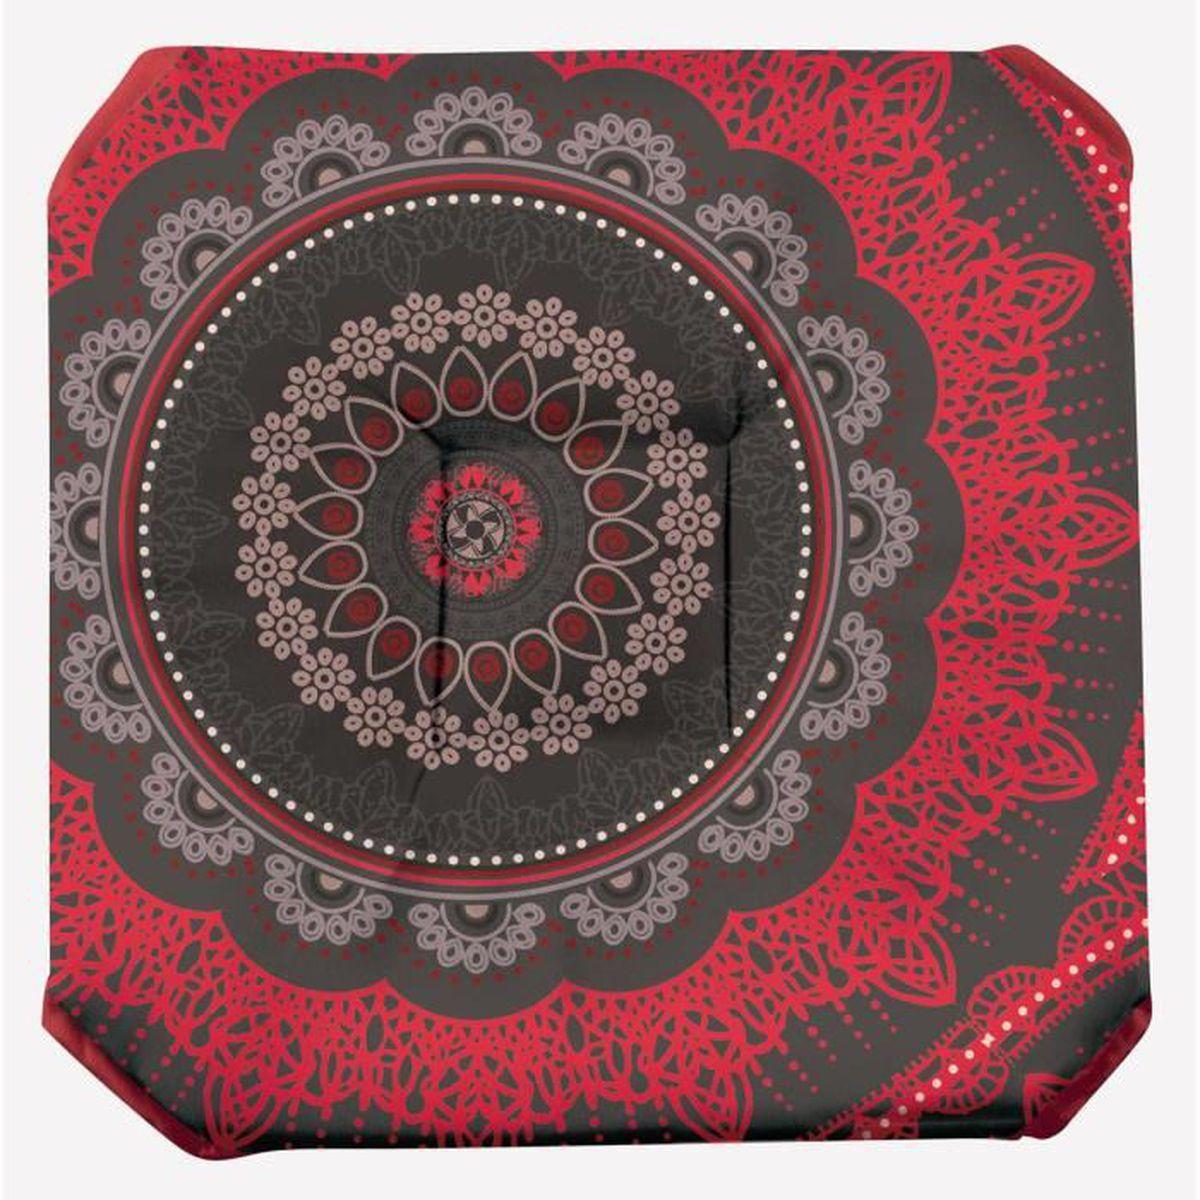 Galette de chaise anti taches rabat mandala rouge achat vente coussin de chaise cdiscount - Galette de chaise avec rabat ...